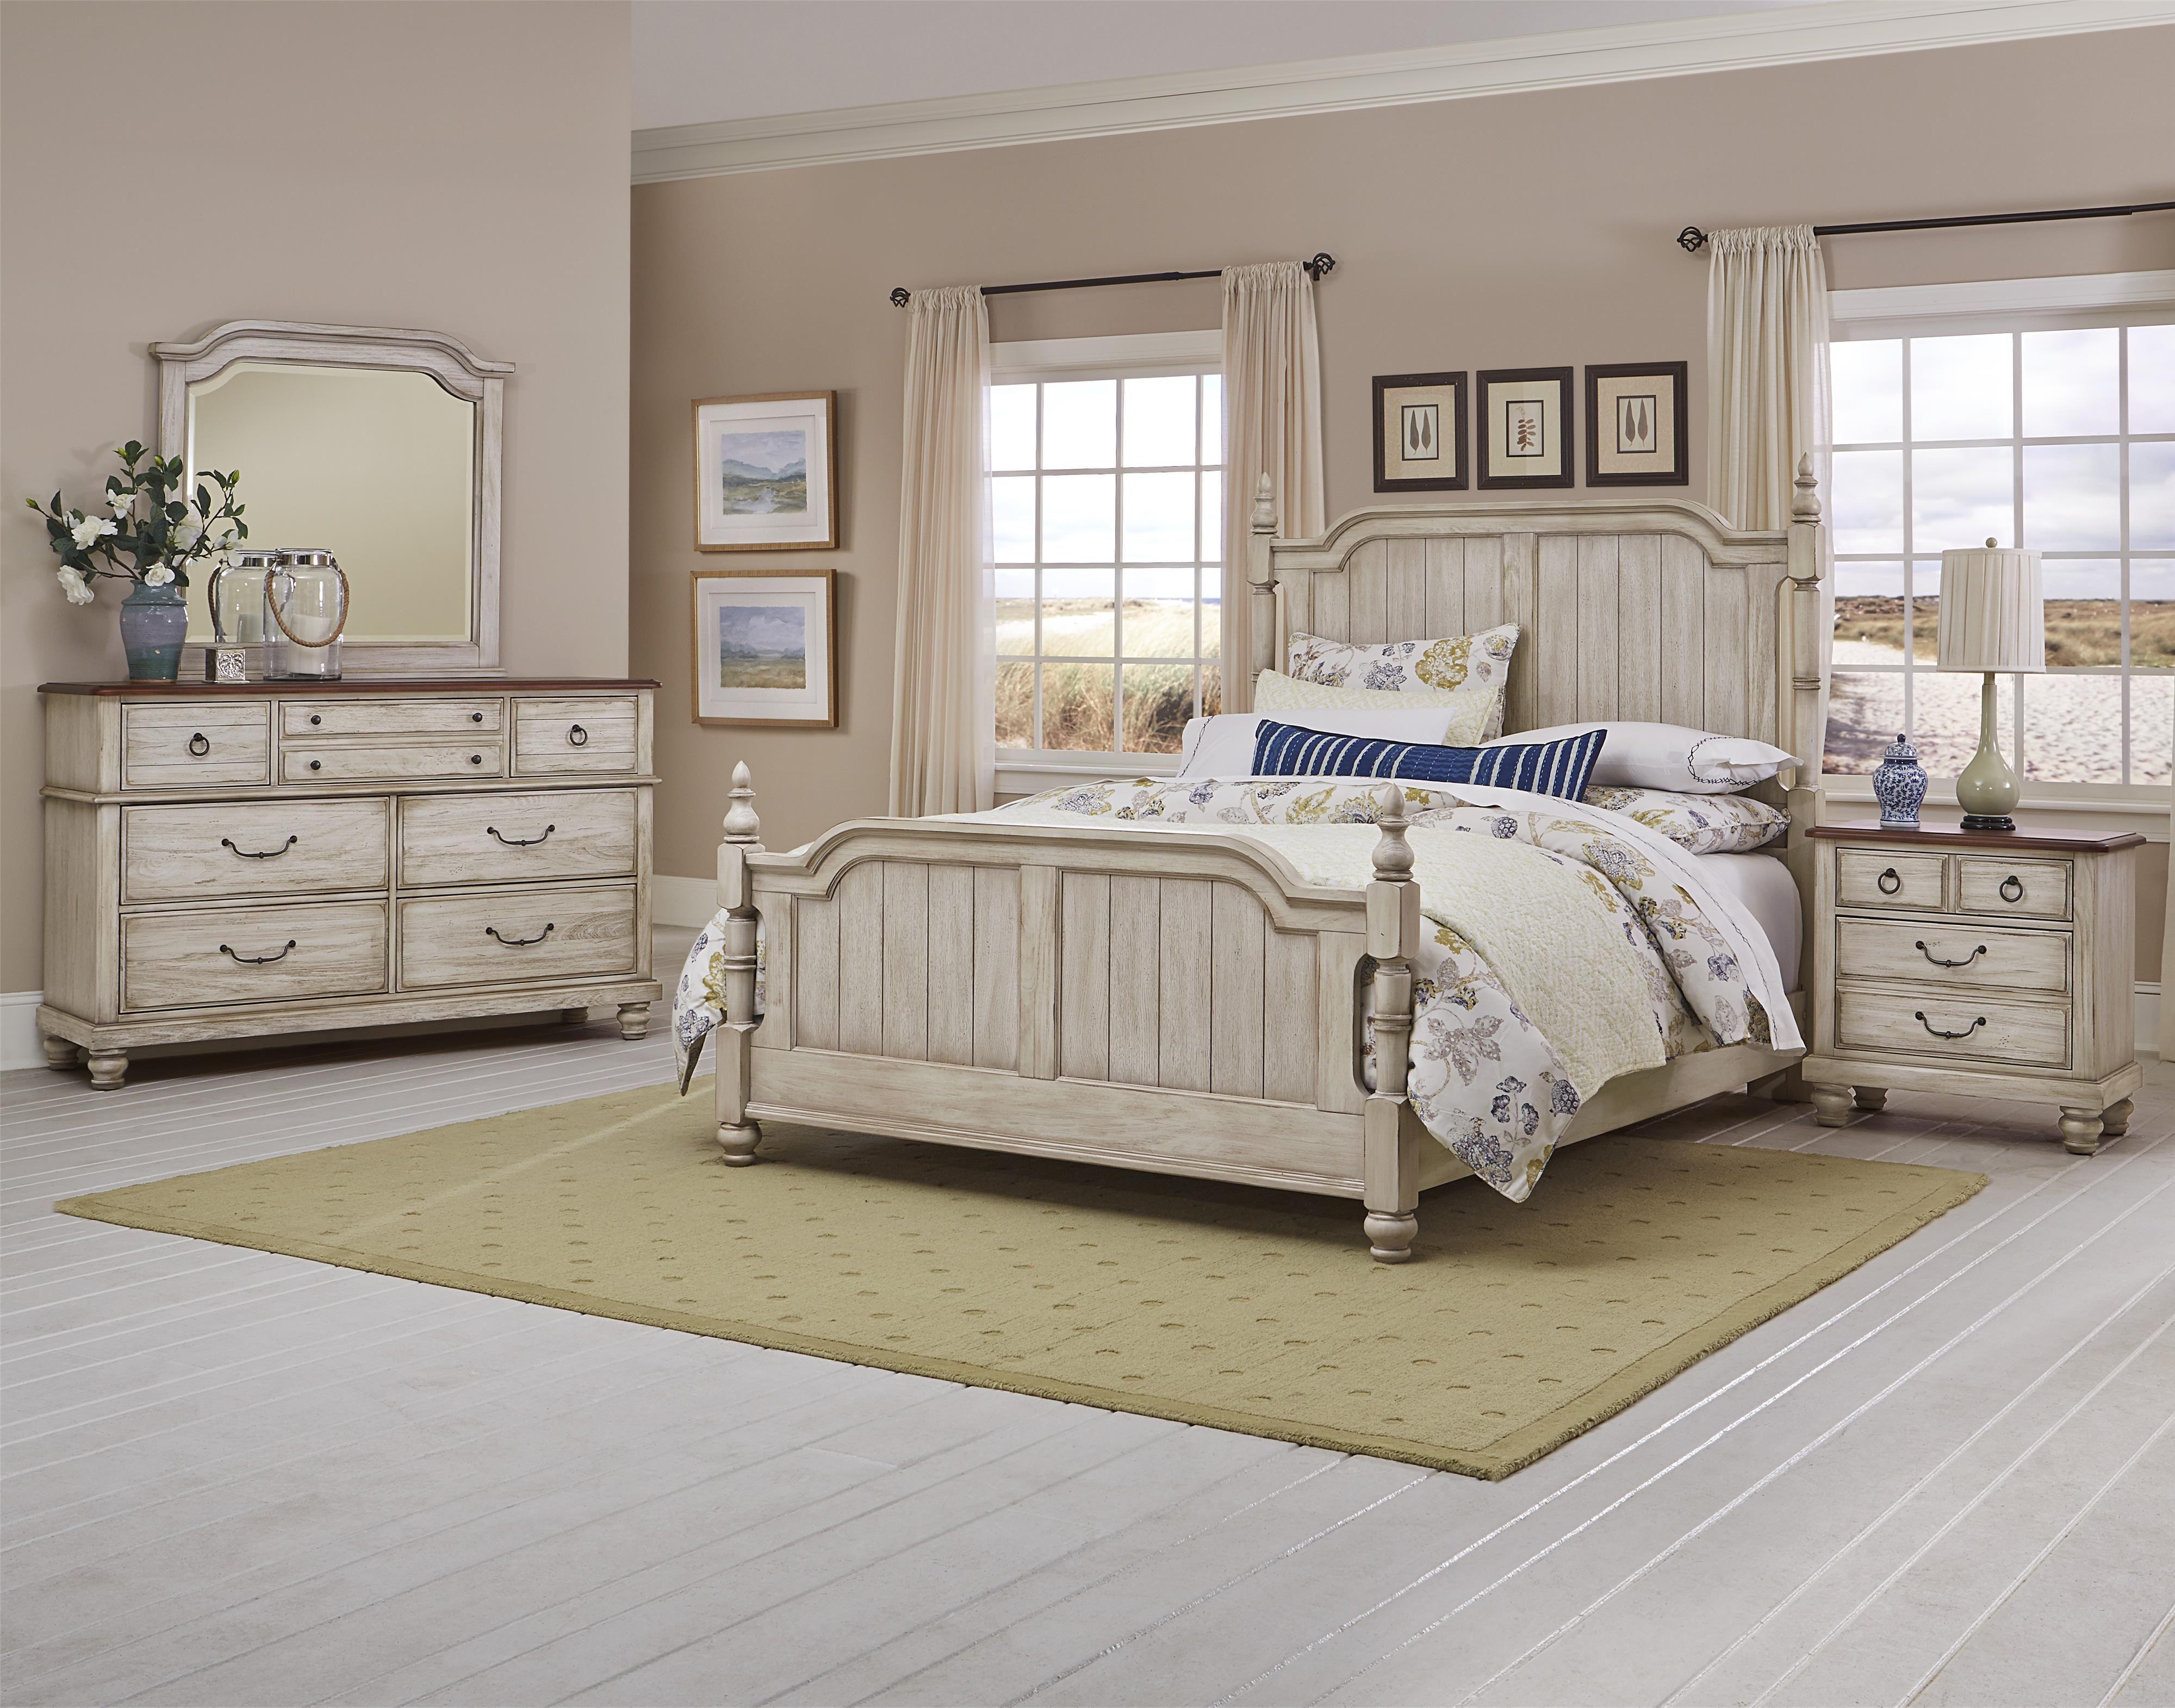 Arrendelle Queen Bedroom Group by Vaughan Bassett